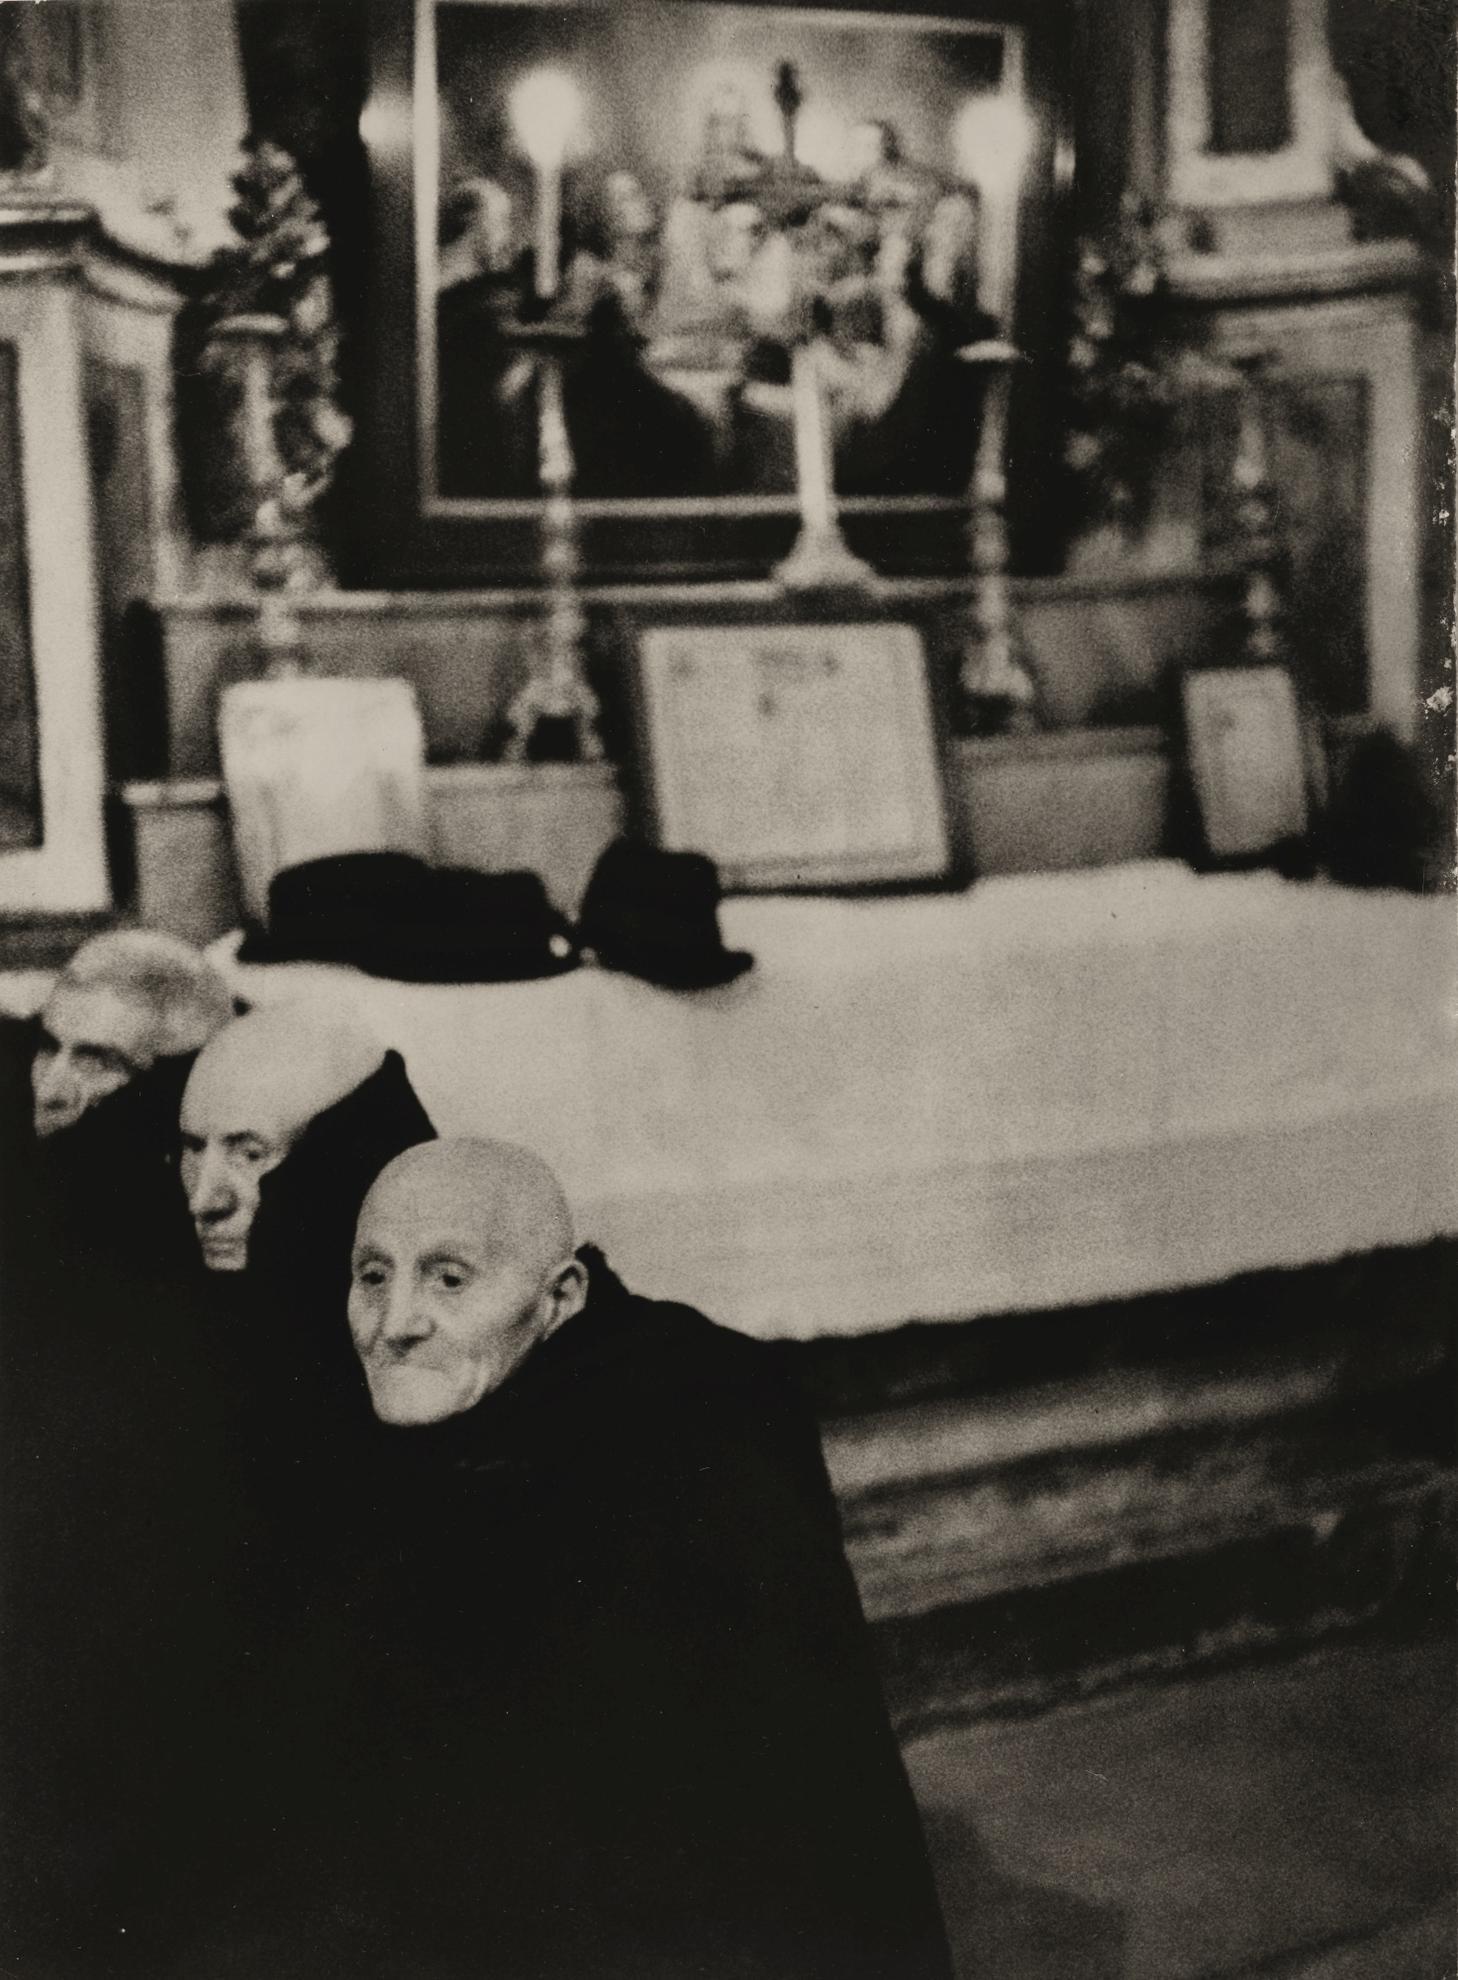 Henri Cartier-Bresson-Midnight Mass, Abruzzo, Italy-1951